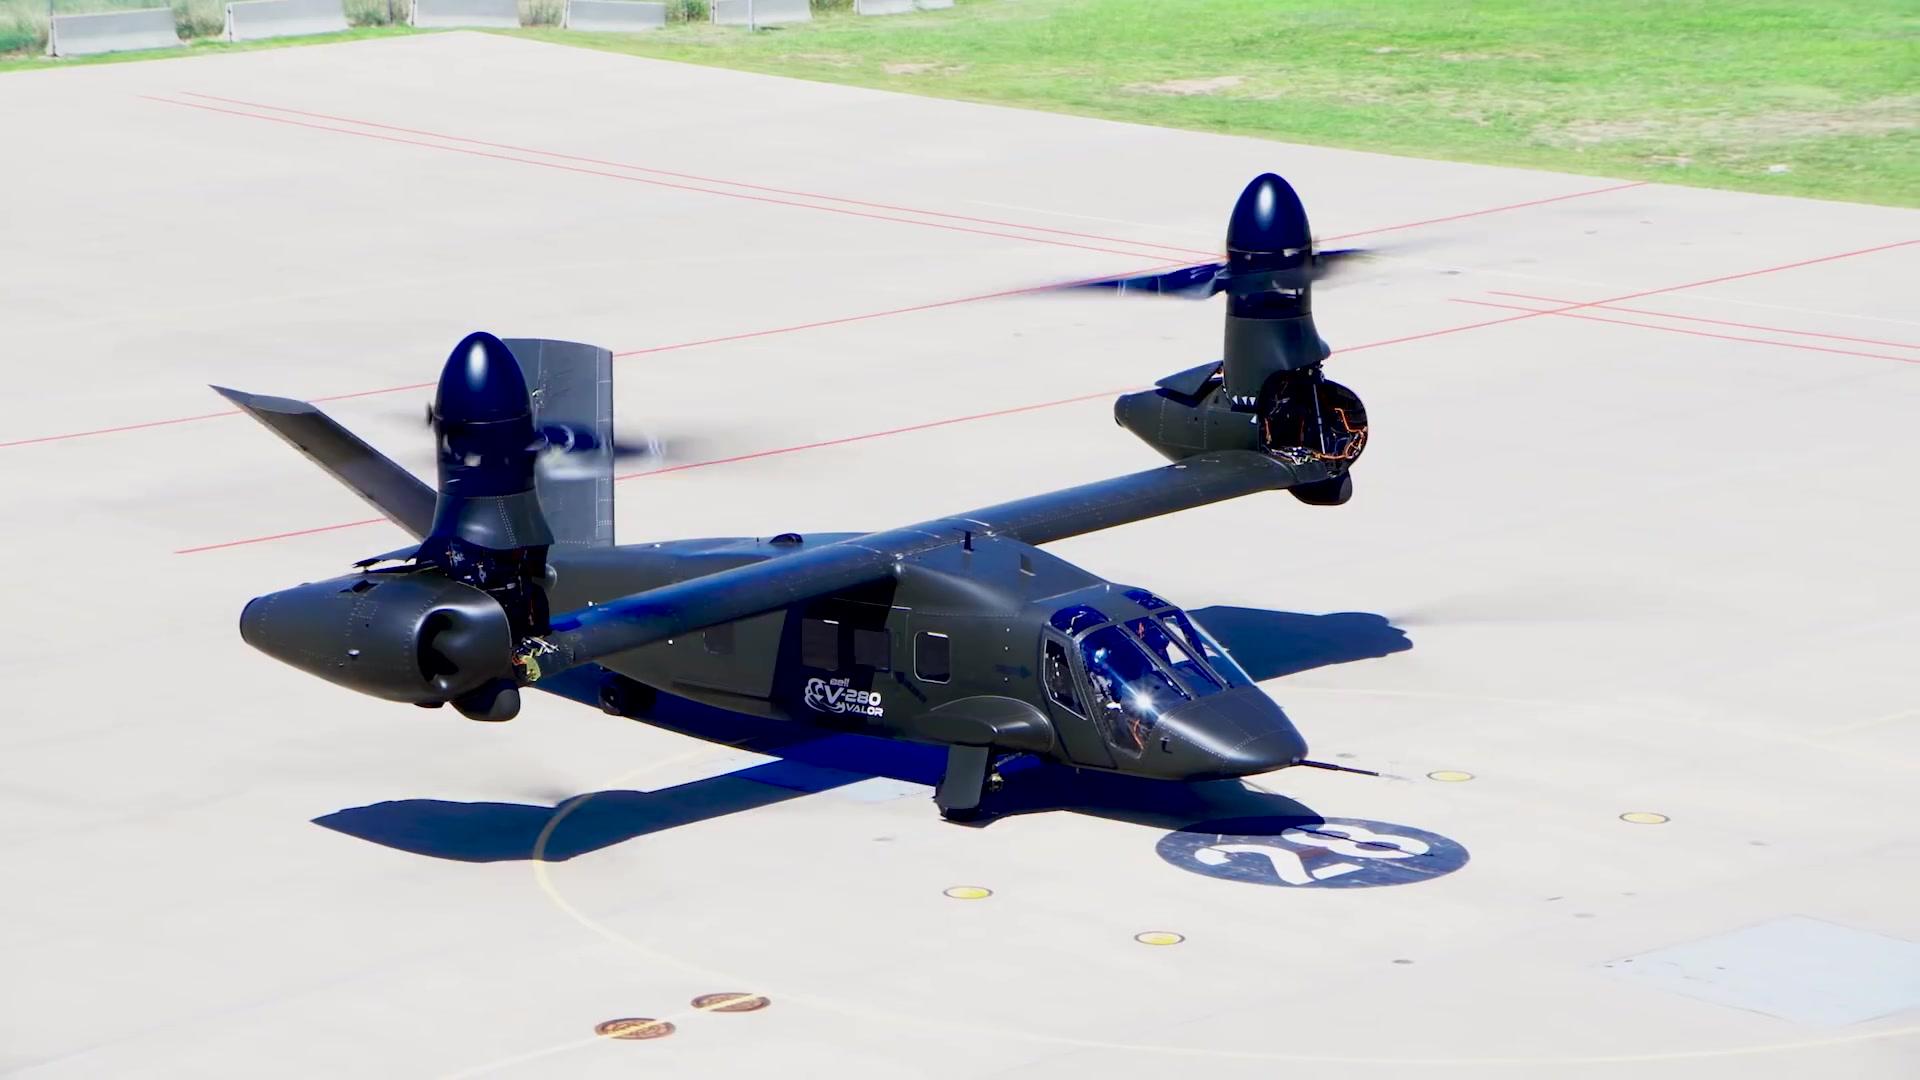 【貝爾直升機】V-280傾轉旋翼機試飛(1080p高清版本)_嗶哩嗶哩 (゜-゜)つロ 干杯~-bilibili